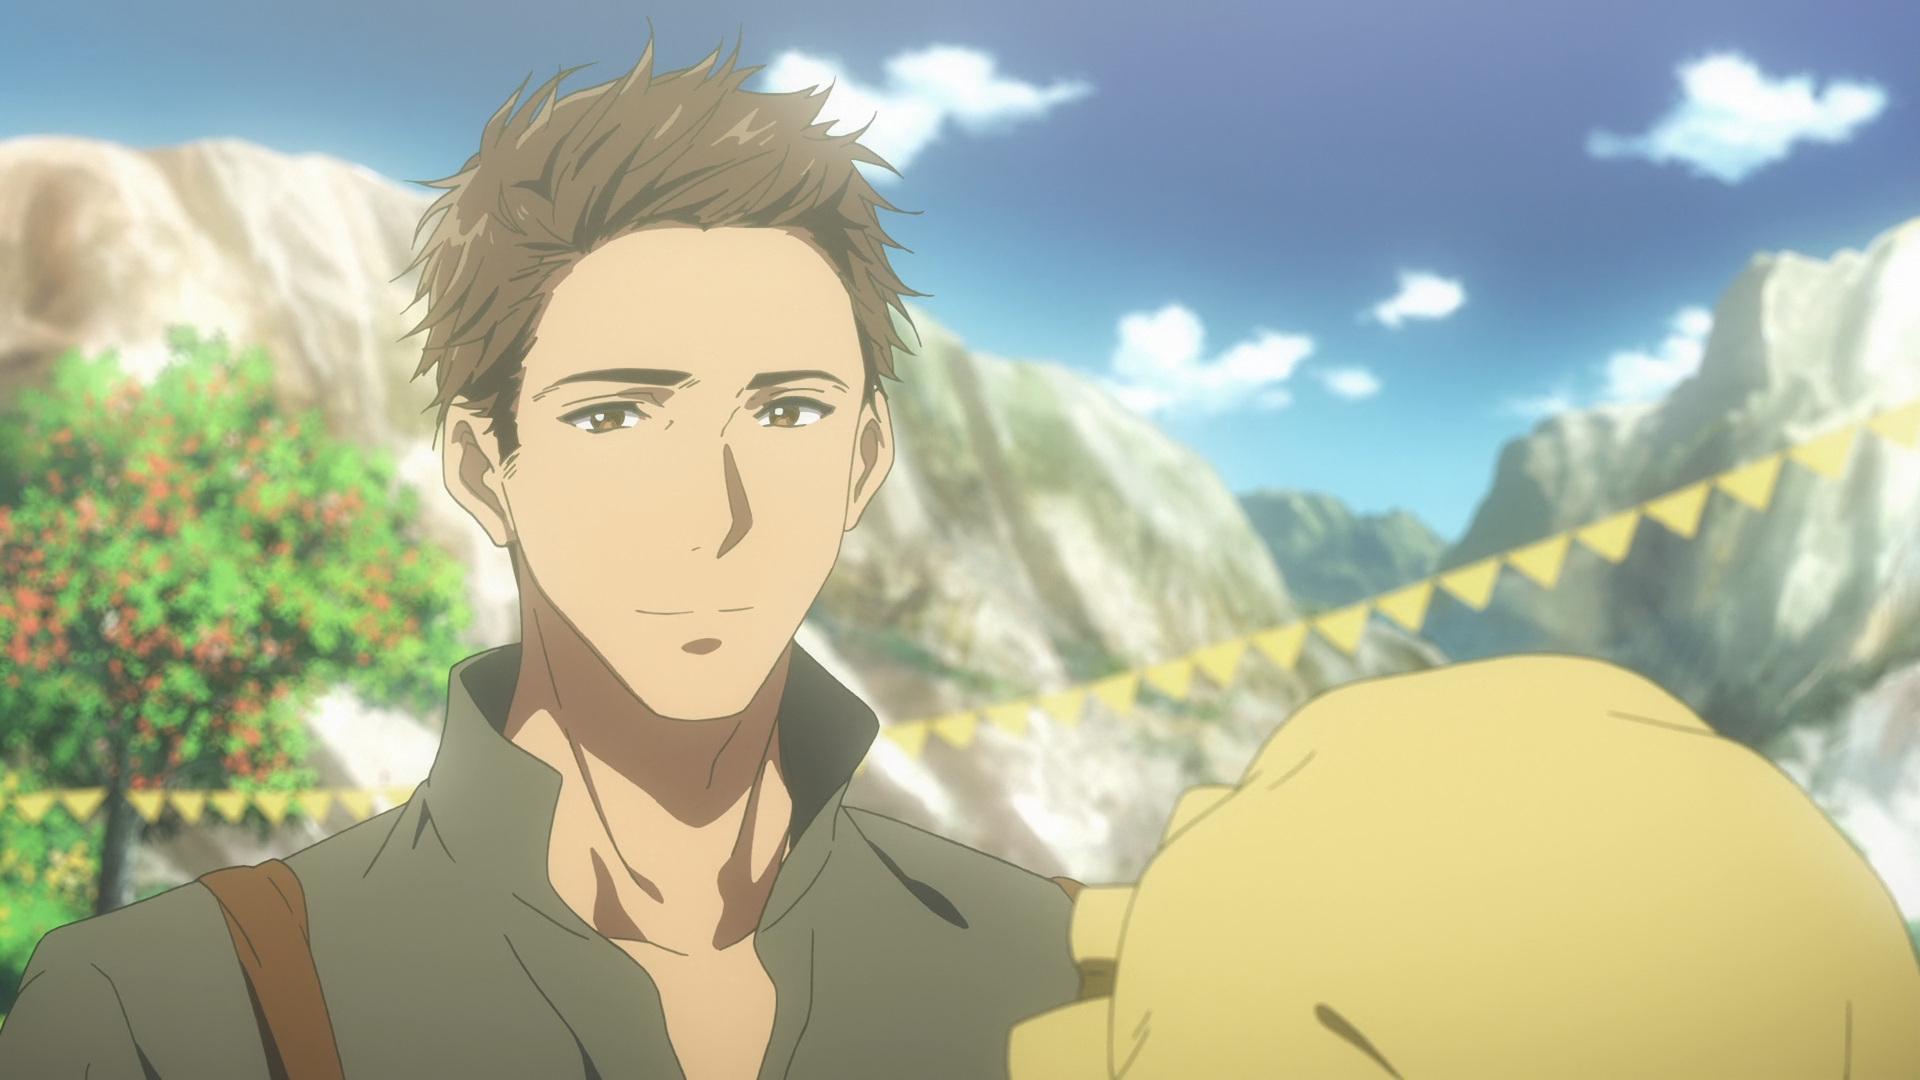 Anime Sweet Wallpaper Violet Evergarden T V Media Review Episode 4 Anime Solution